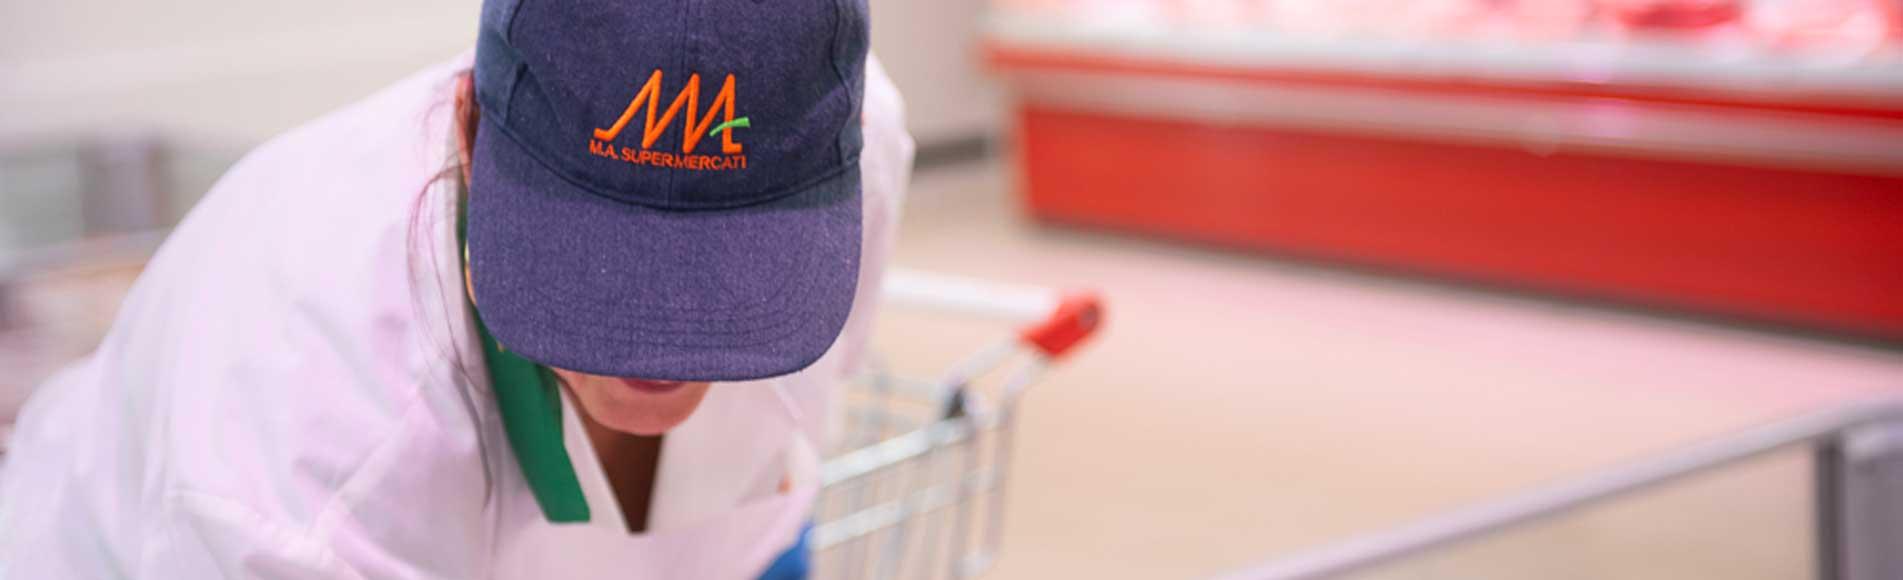 MA Supermercati